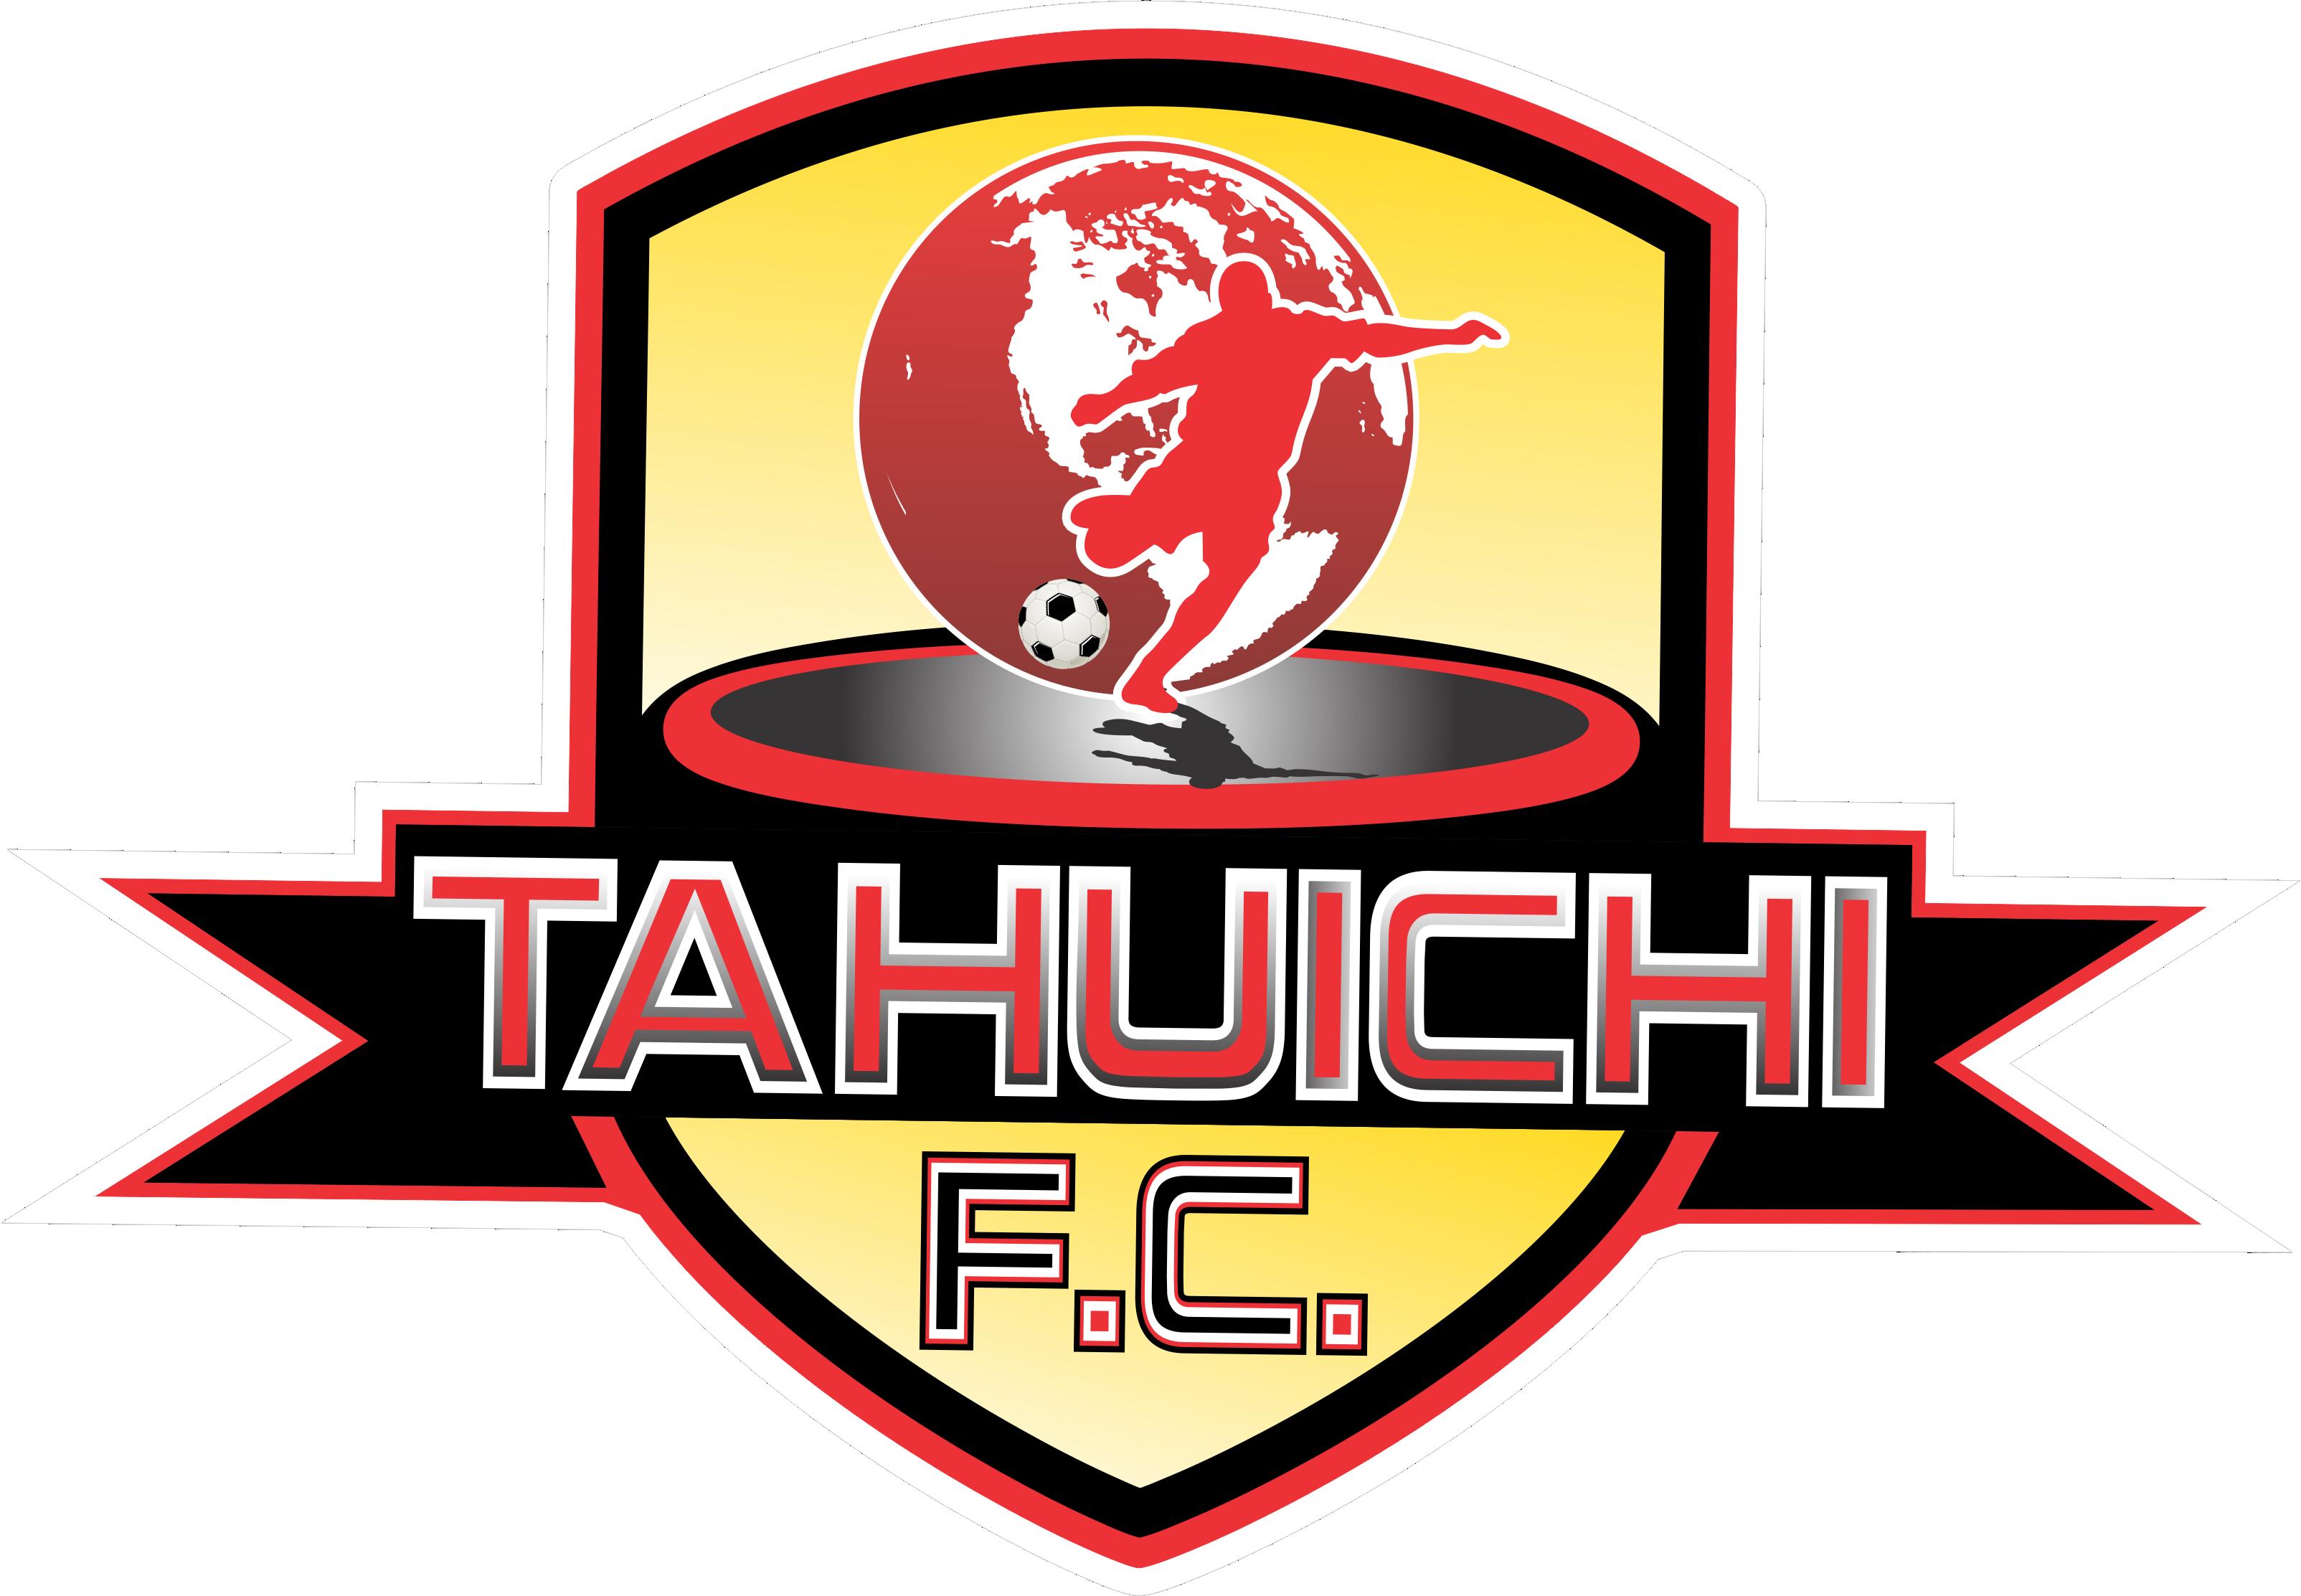 Tahuichi F.C. Logo